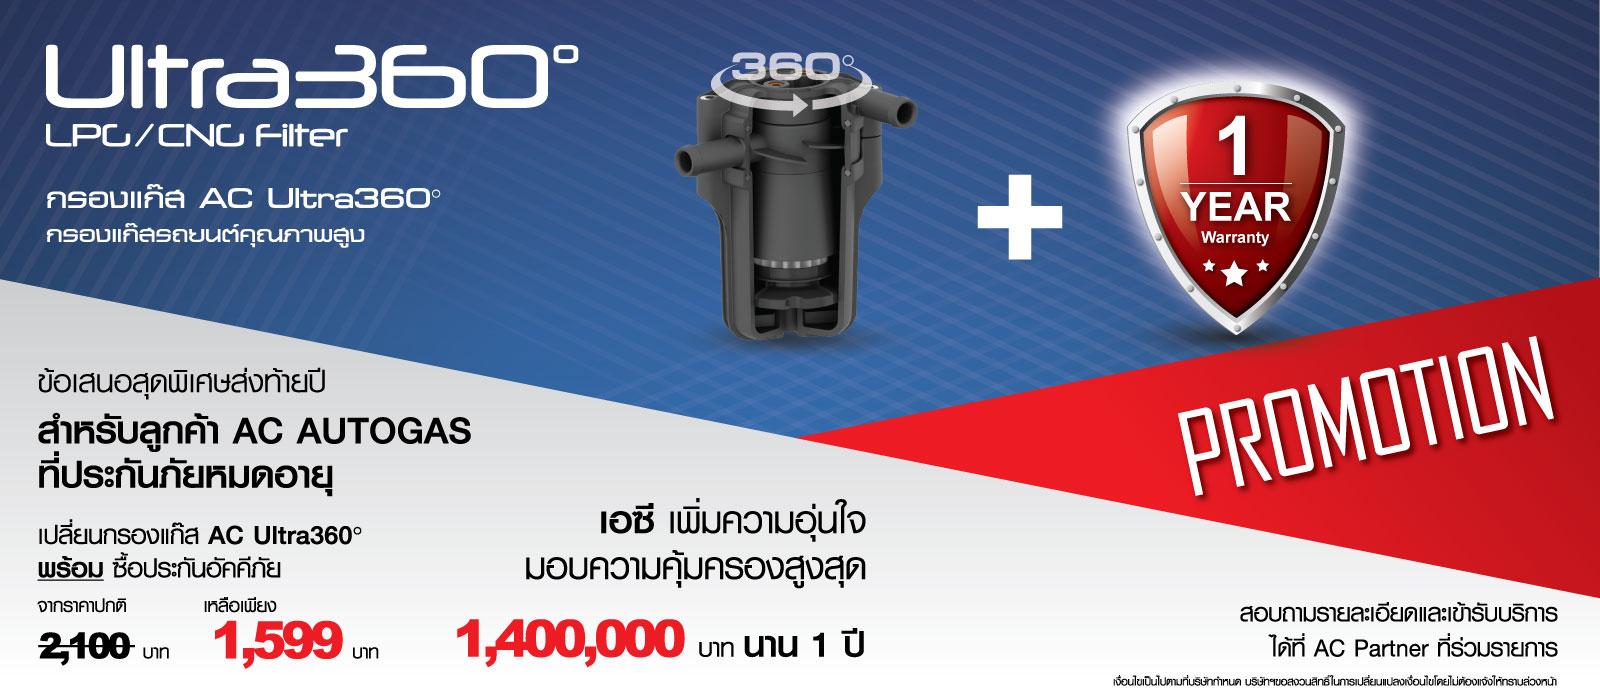 โปรโมชั่น กรองแก๊ส AC Ultra 360 + ประกันอัคคีภัย